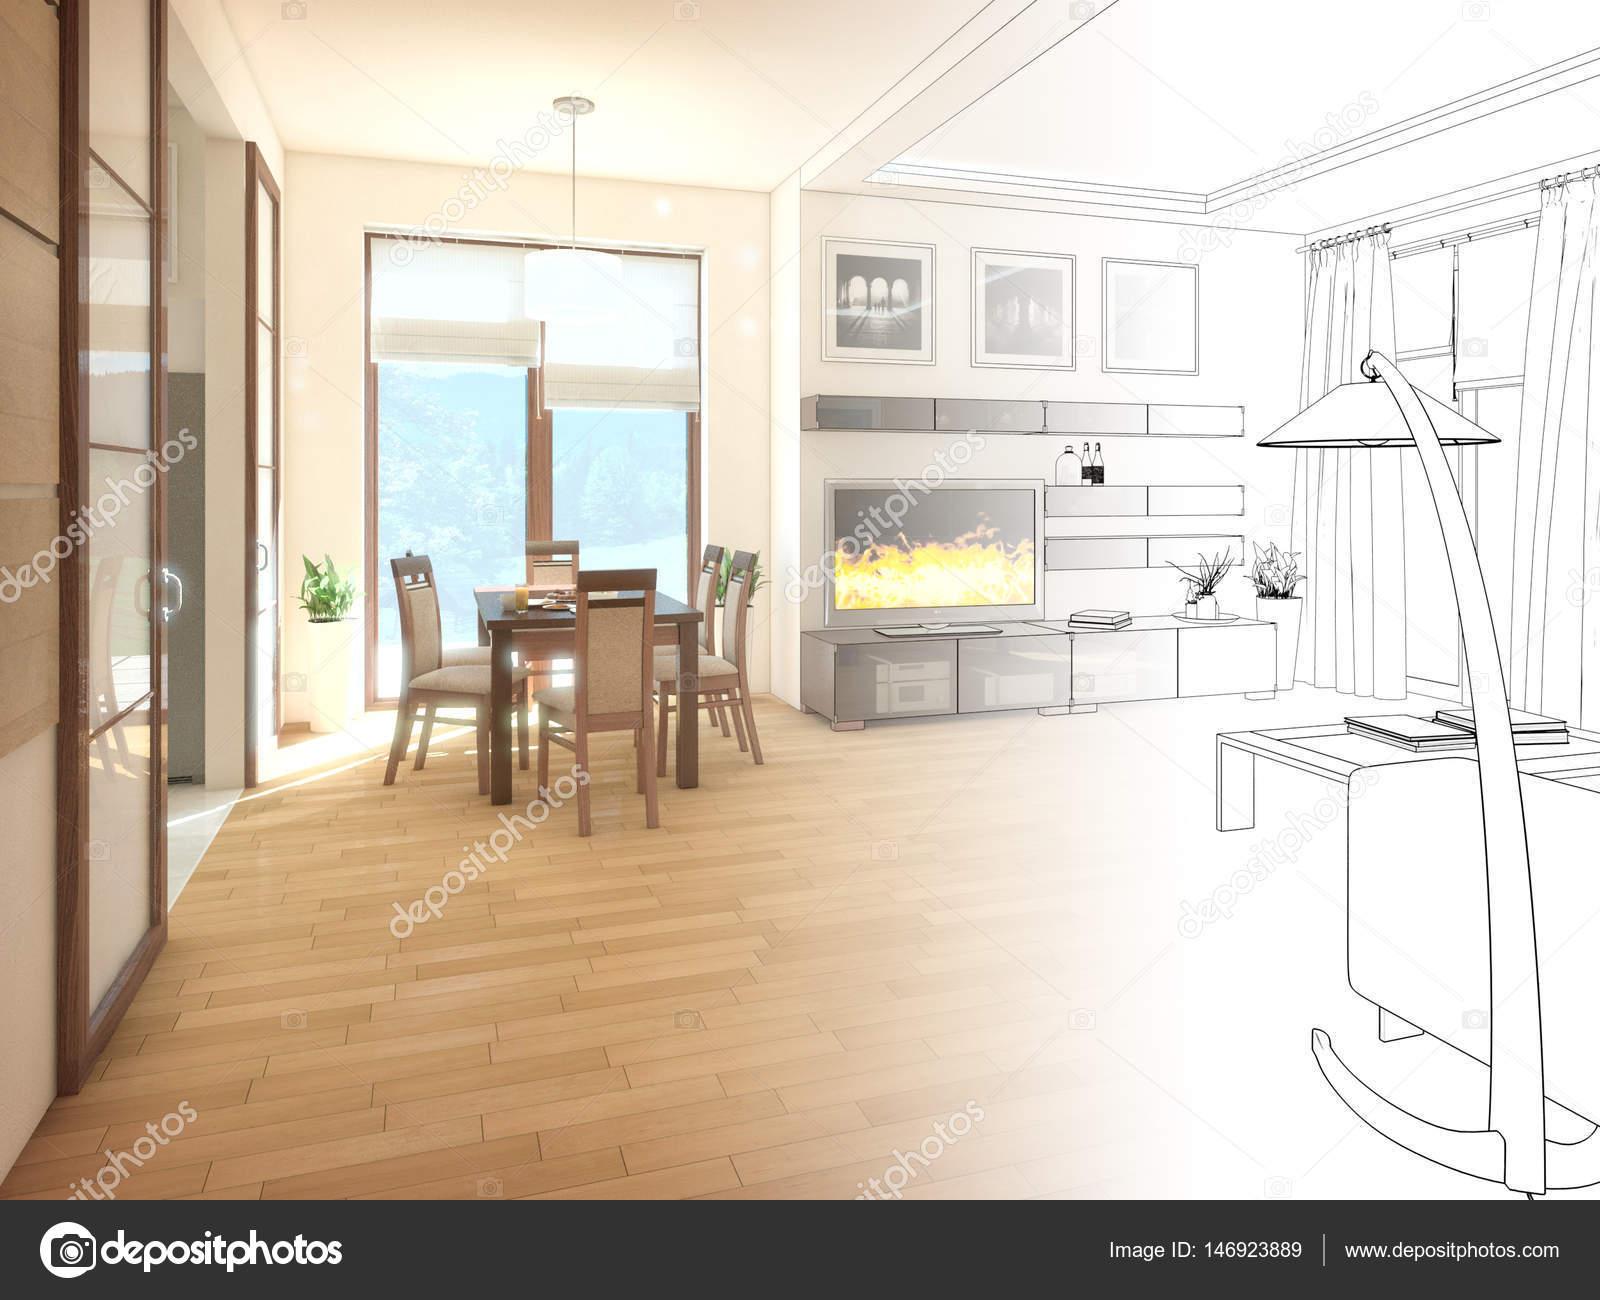 modernes design innenraum wohnzimmer. 3d render — Stockfoto ...